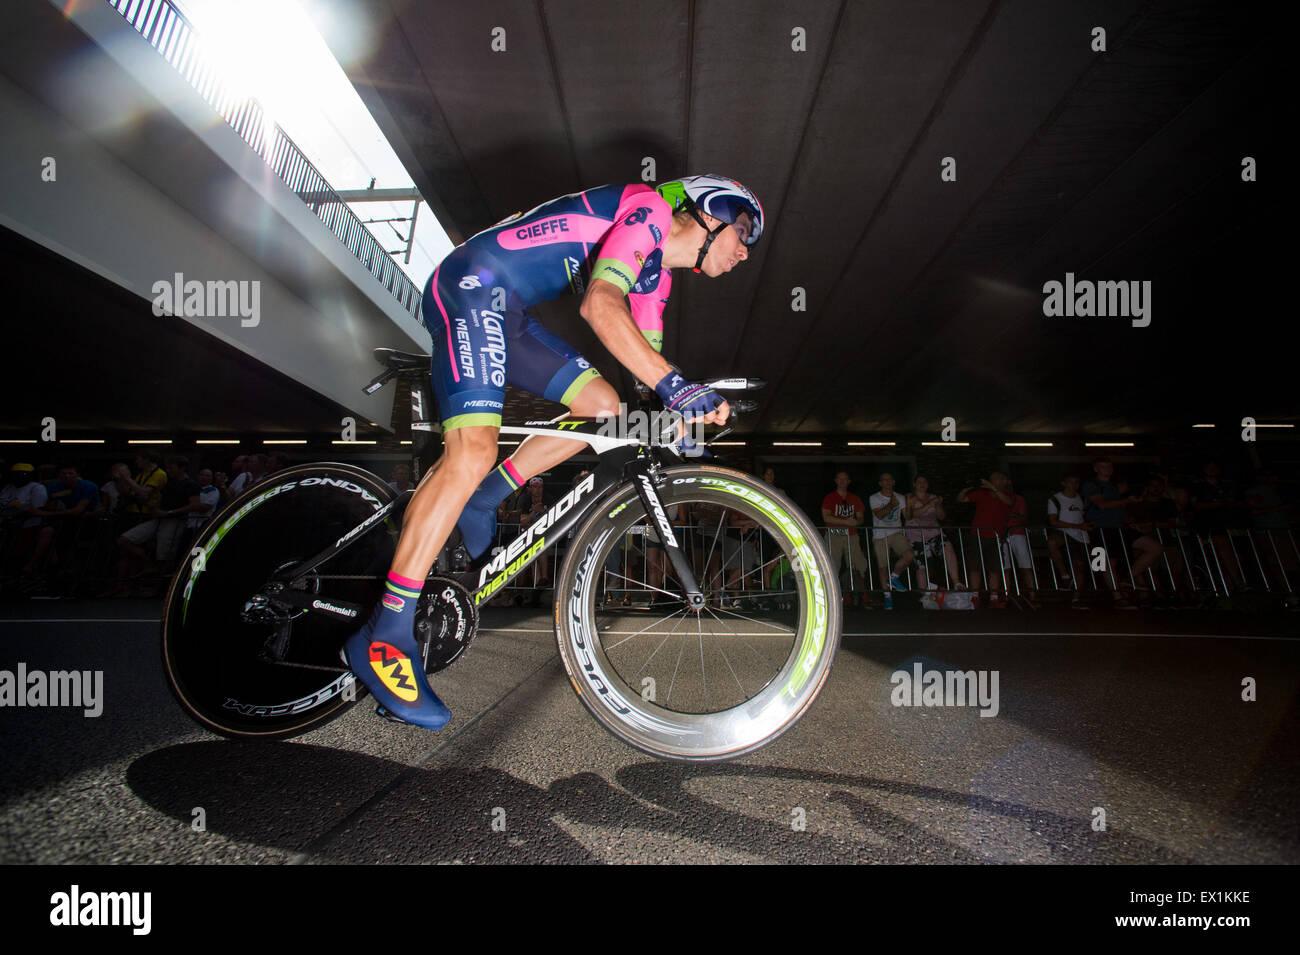 Utrecht, Niederlande. 4. Juli 2015. Rui Costa (Lampre) während der einzelnen Zeit Studie 2015 Tour De France Stockbild